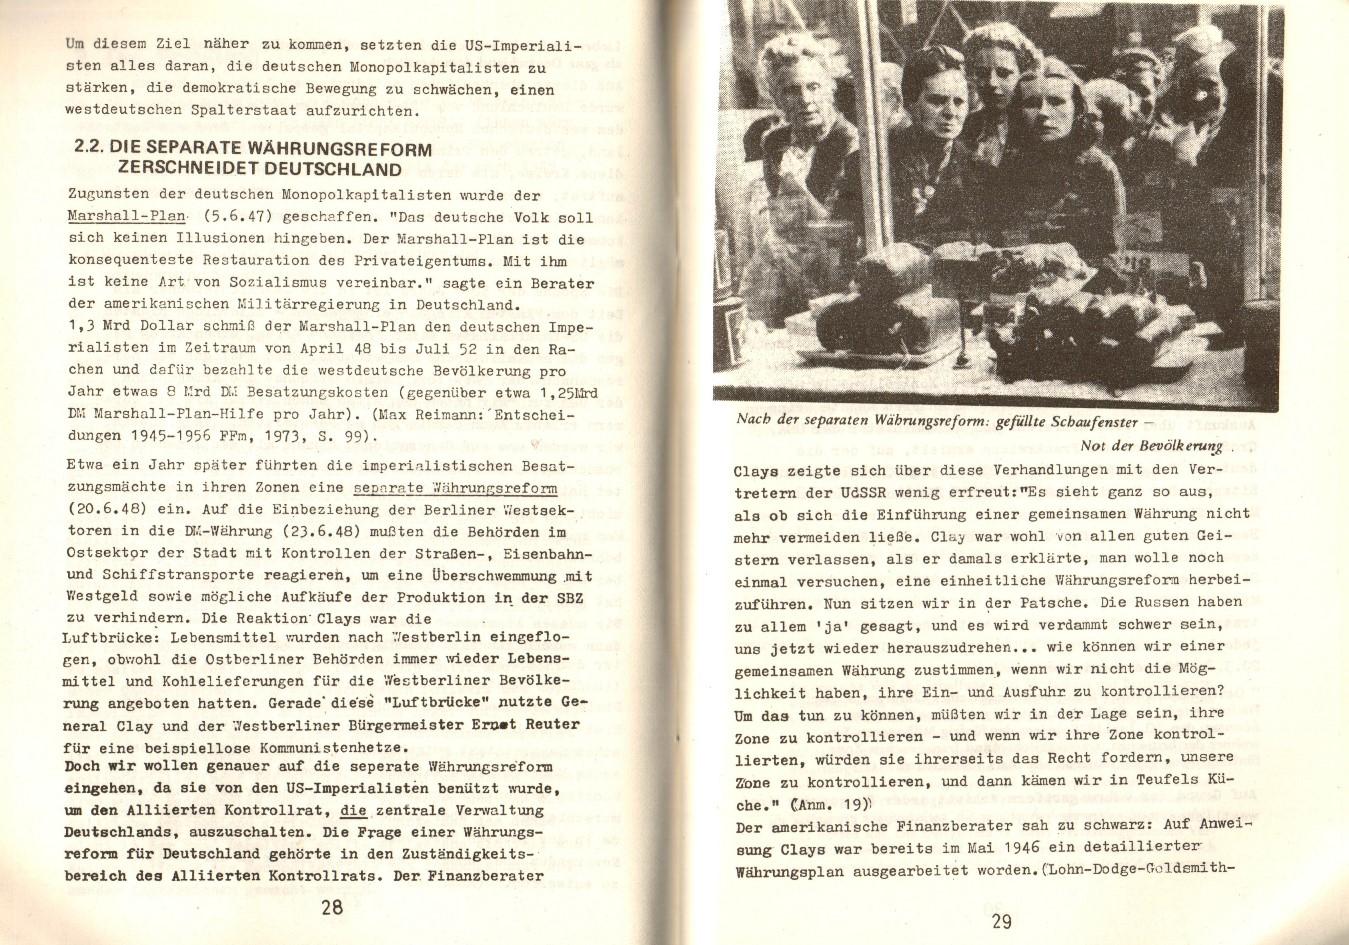 KHB_RSF_1974_25_Jahre_Grundgesetz_17